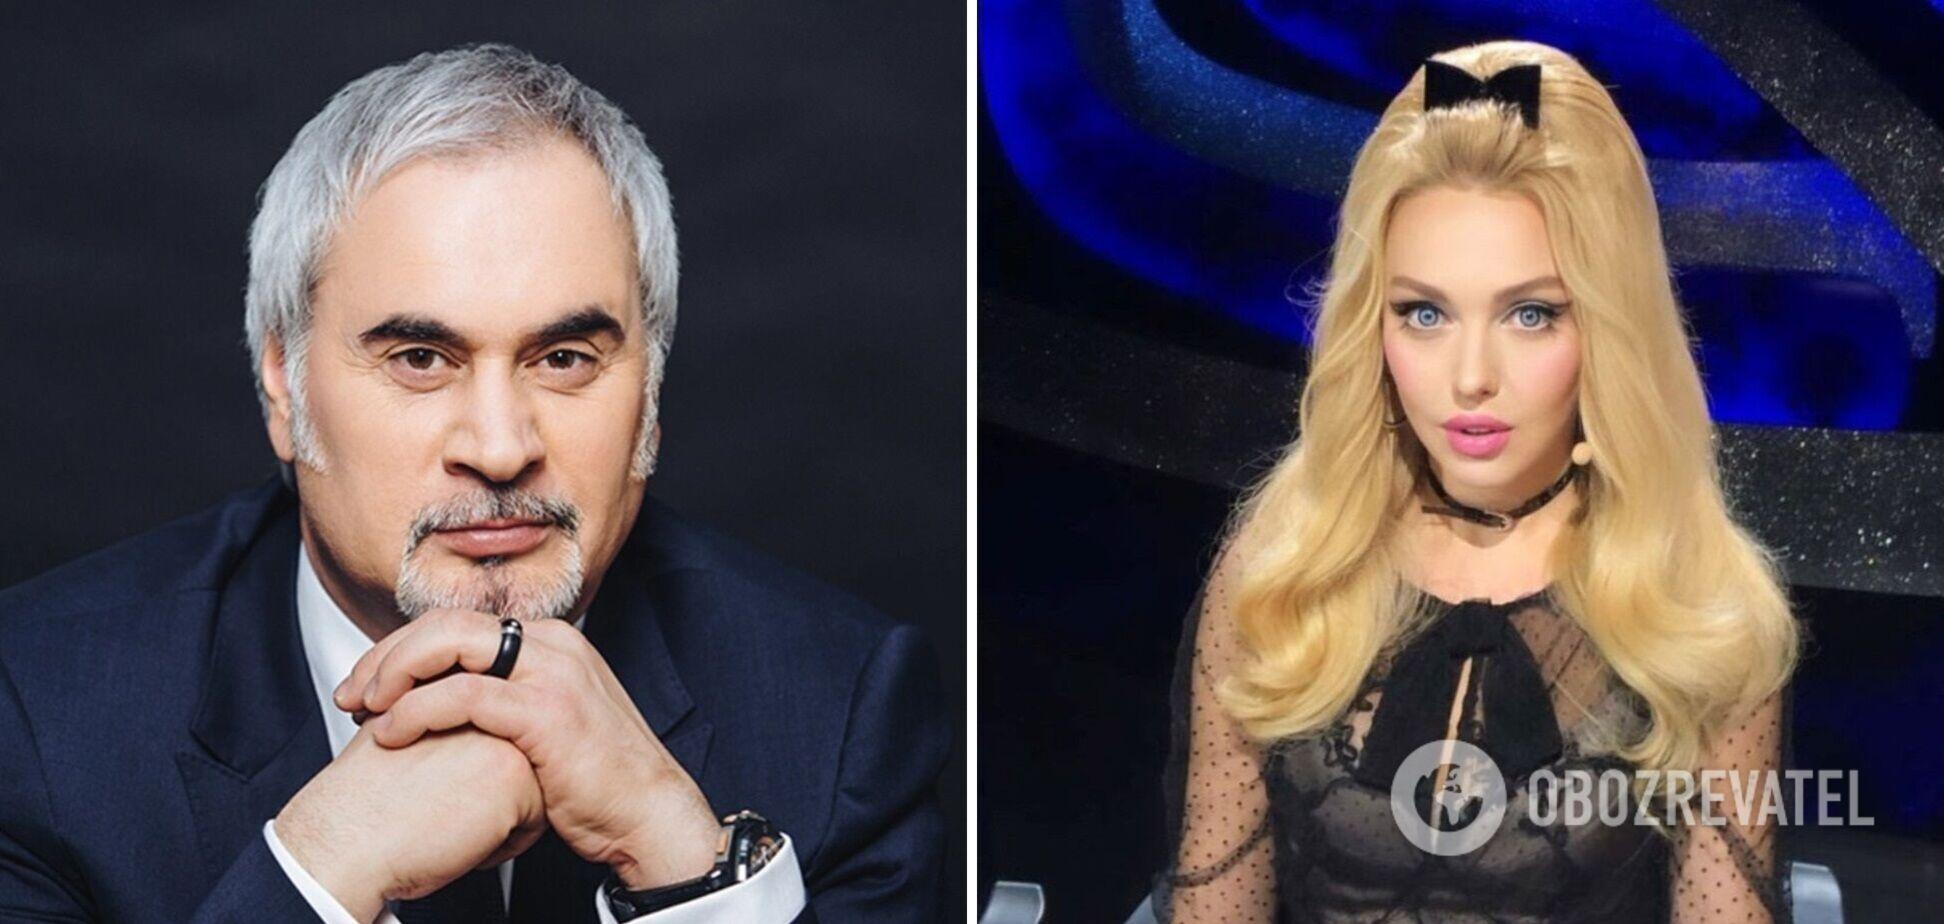 Валерий Меладзе назвал Полякову фриком: она шокировала меня